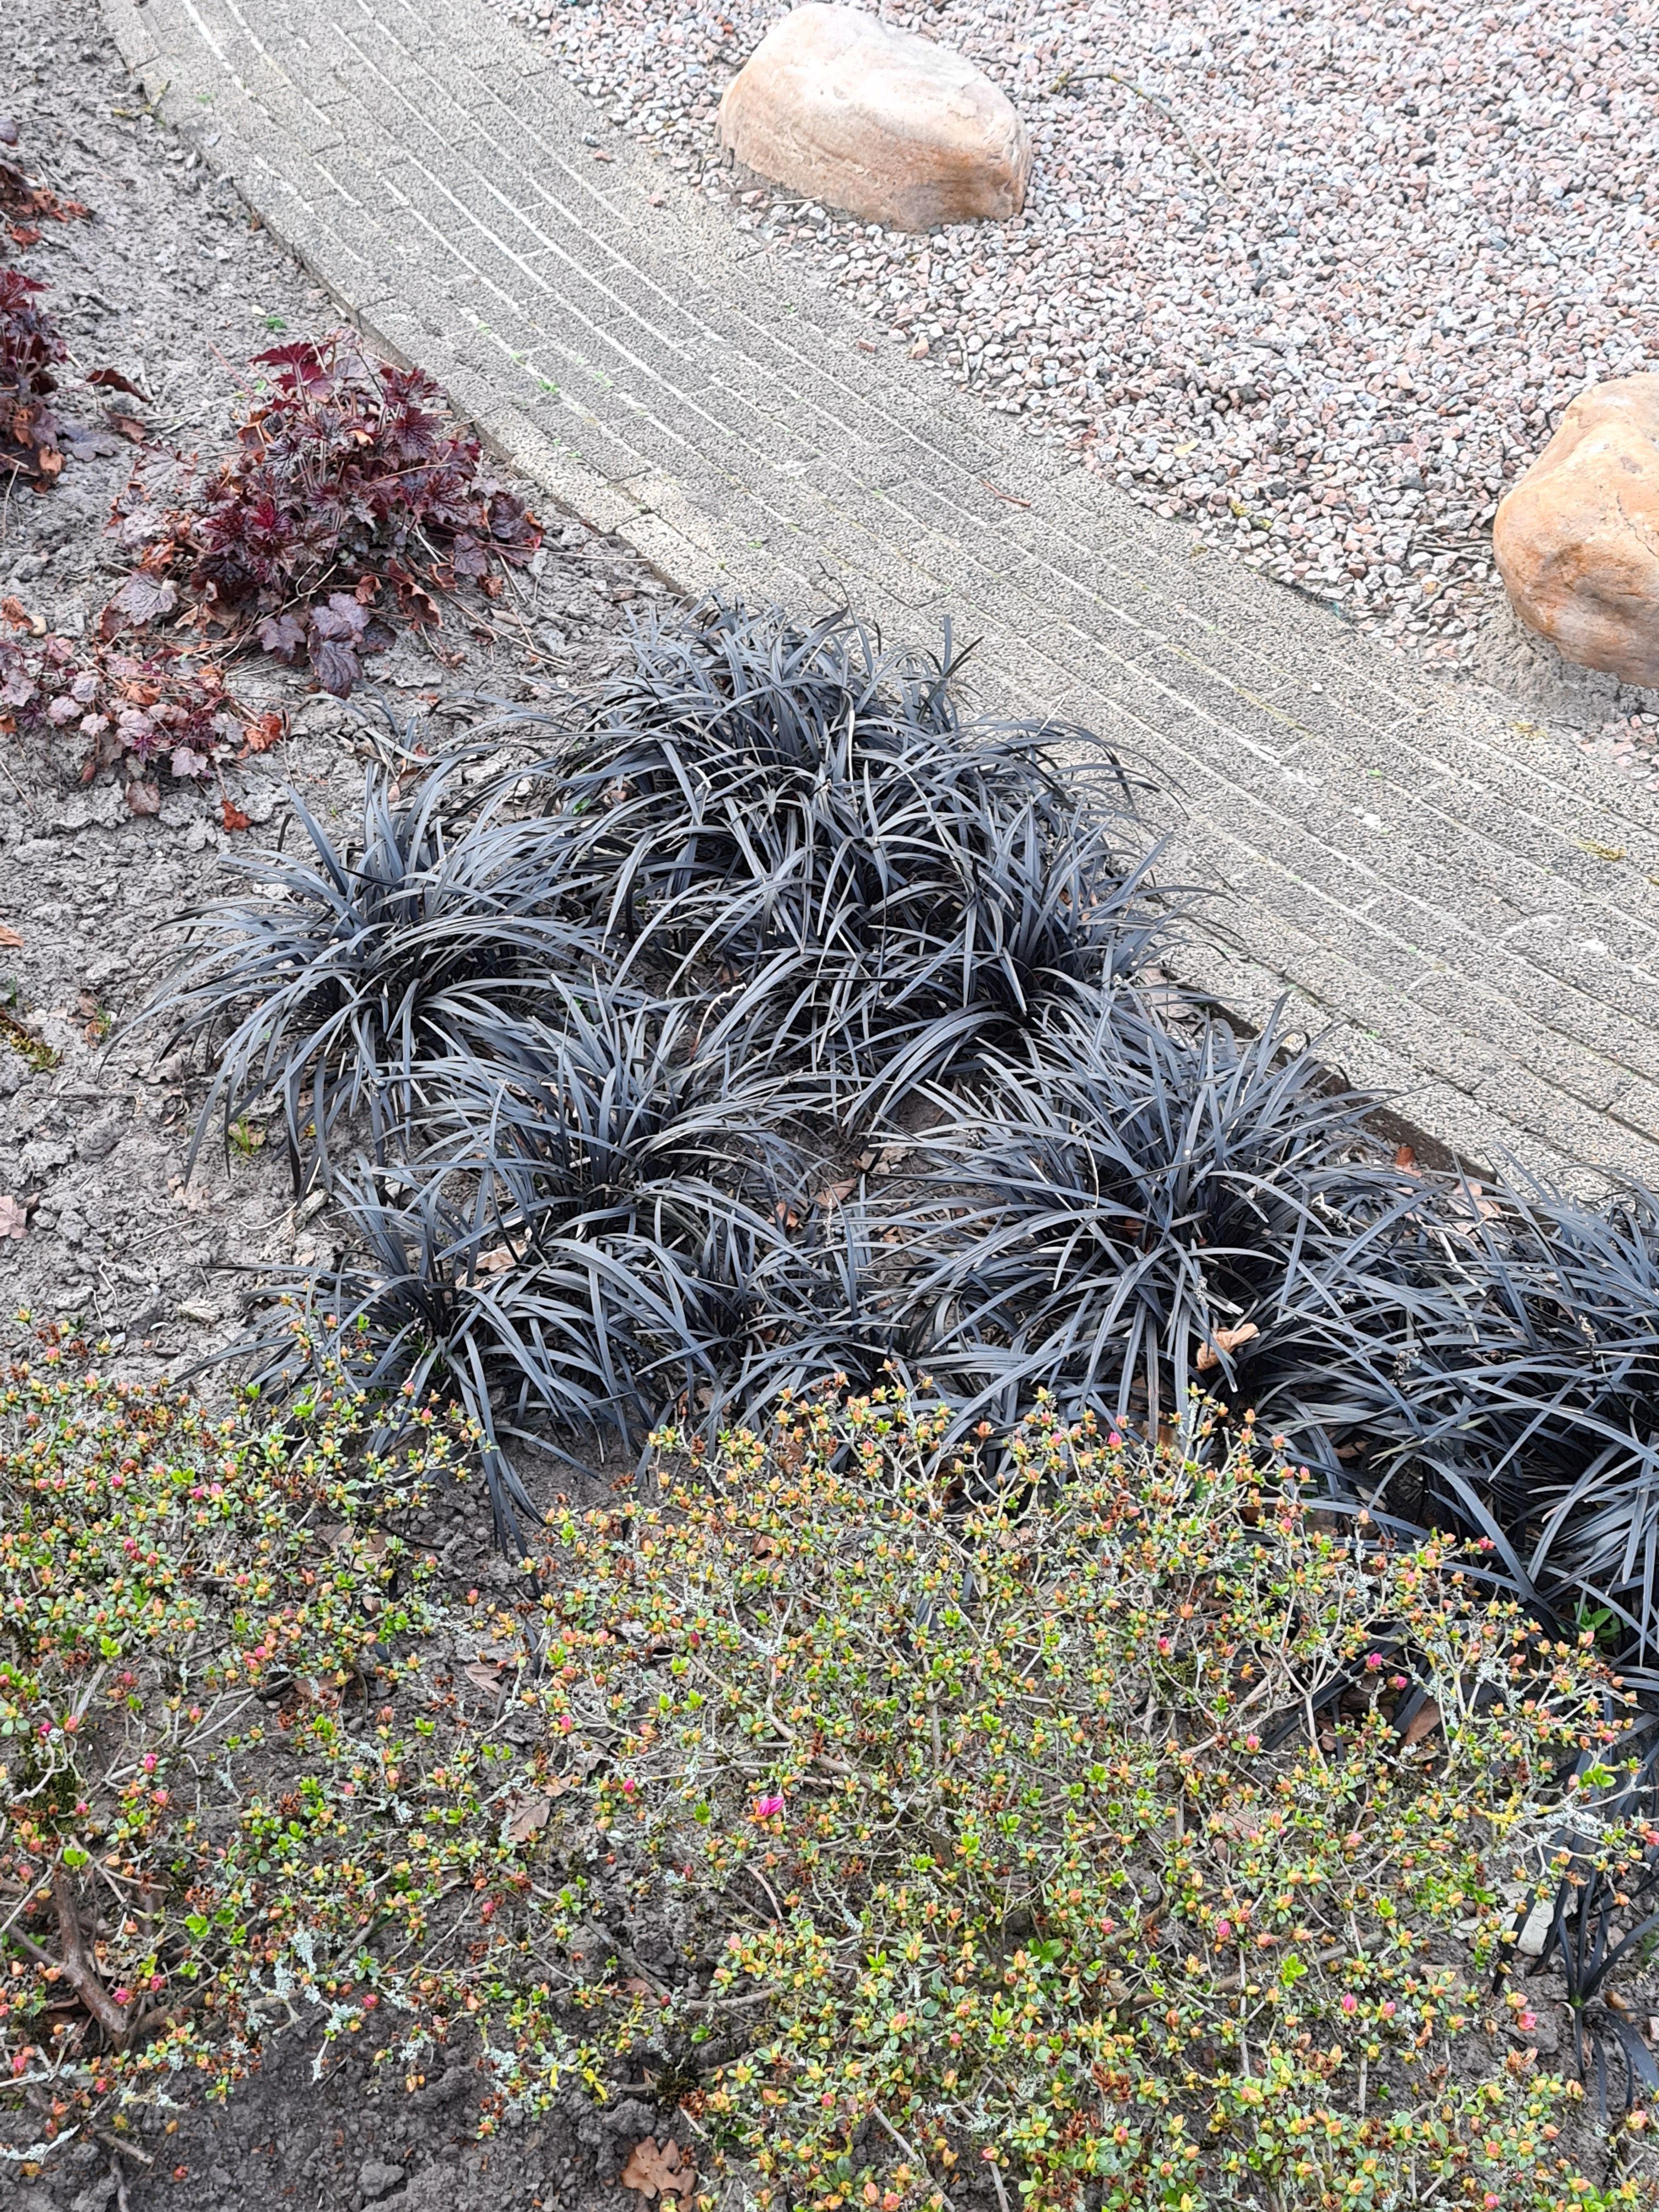 Zwart gras siergras niger prachtige siergrassen